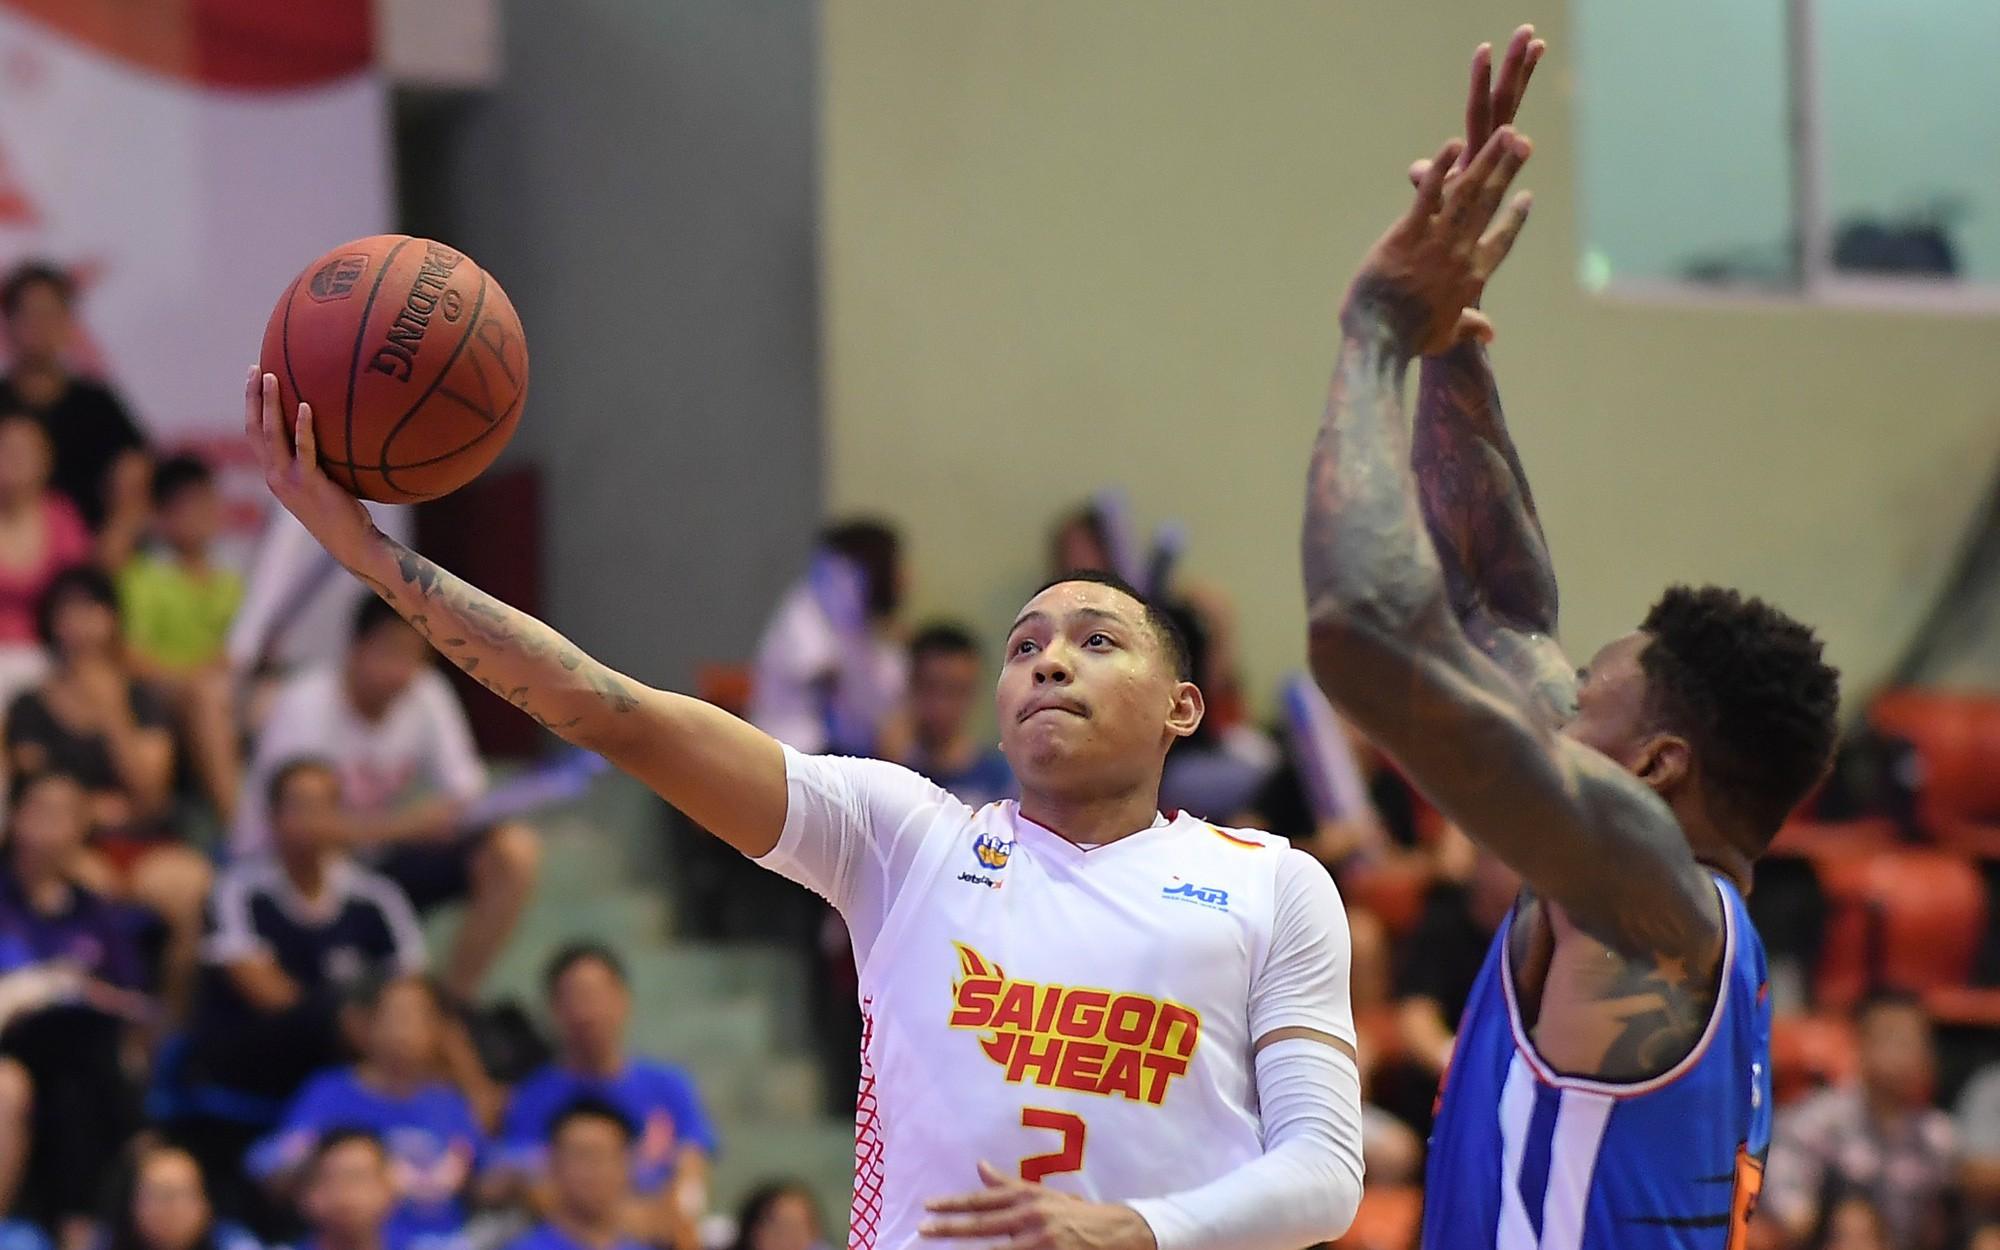 Đội tuyển bóng rổ Việt Nam vẫn rộng cửa đón chào Richard Nguyễn tại SEA Games 30